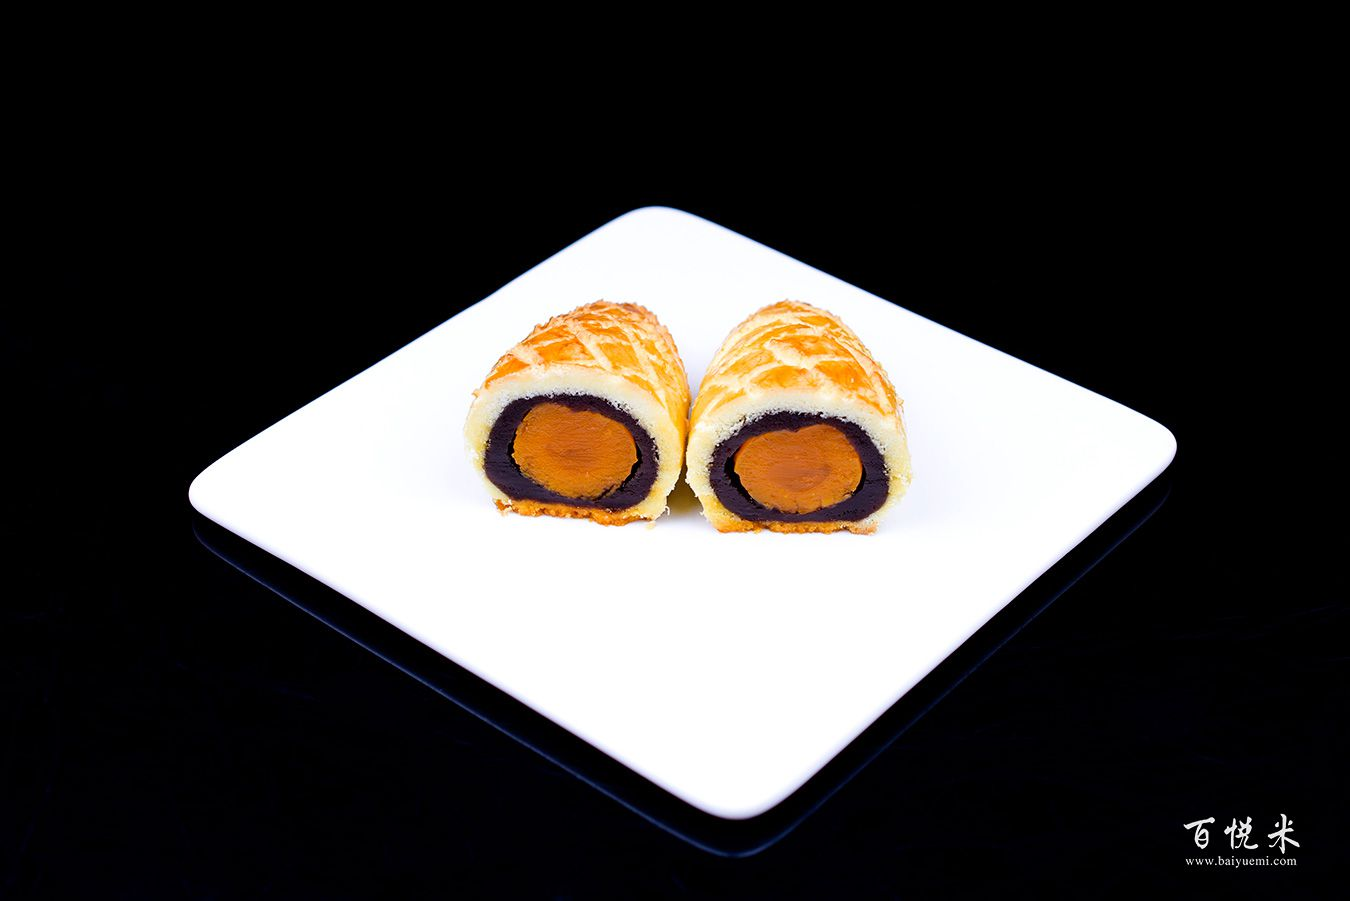 半蛋酥高清图片大全【蛋糕图片】_741